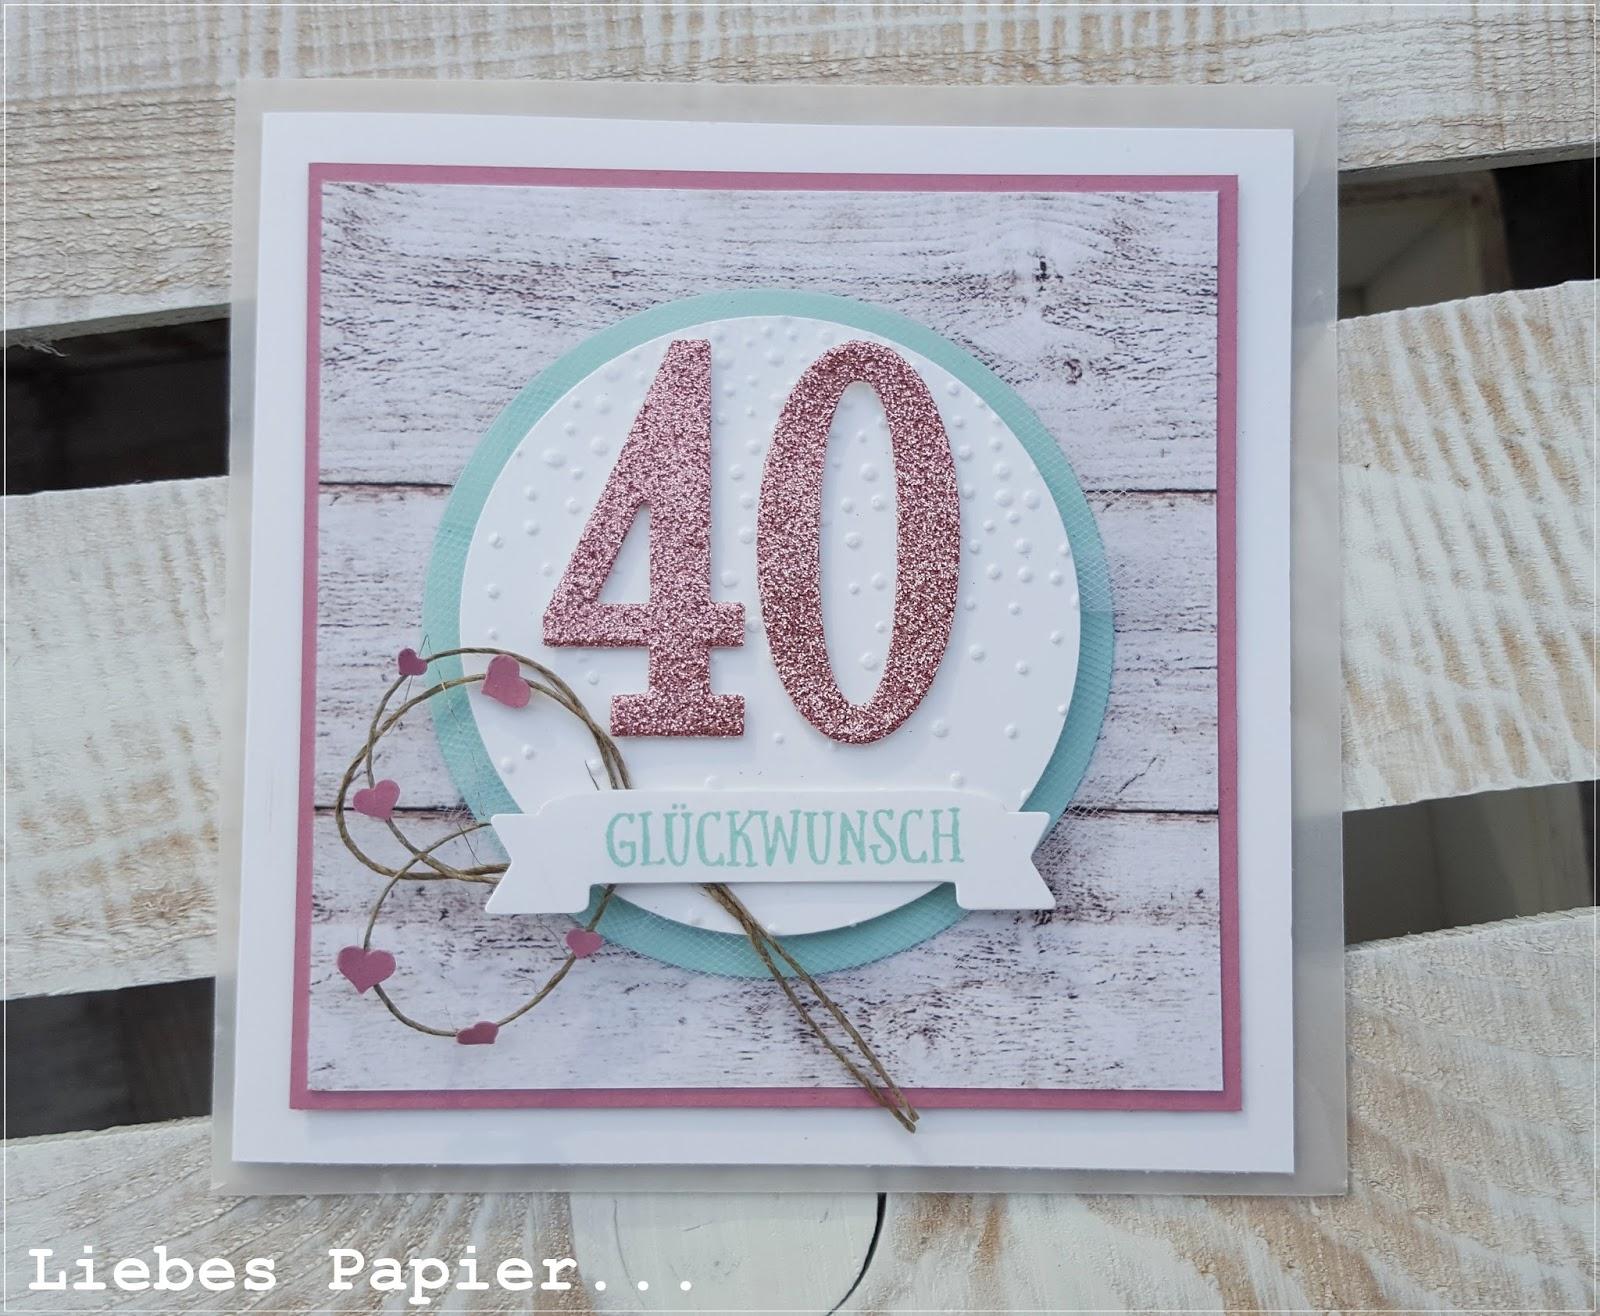 liebes papier 40 ist das neue 30. Black Bedroom Furniture Sets. Home Design Ideas